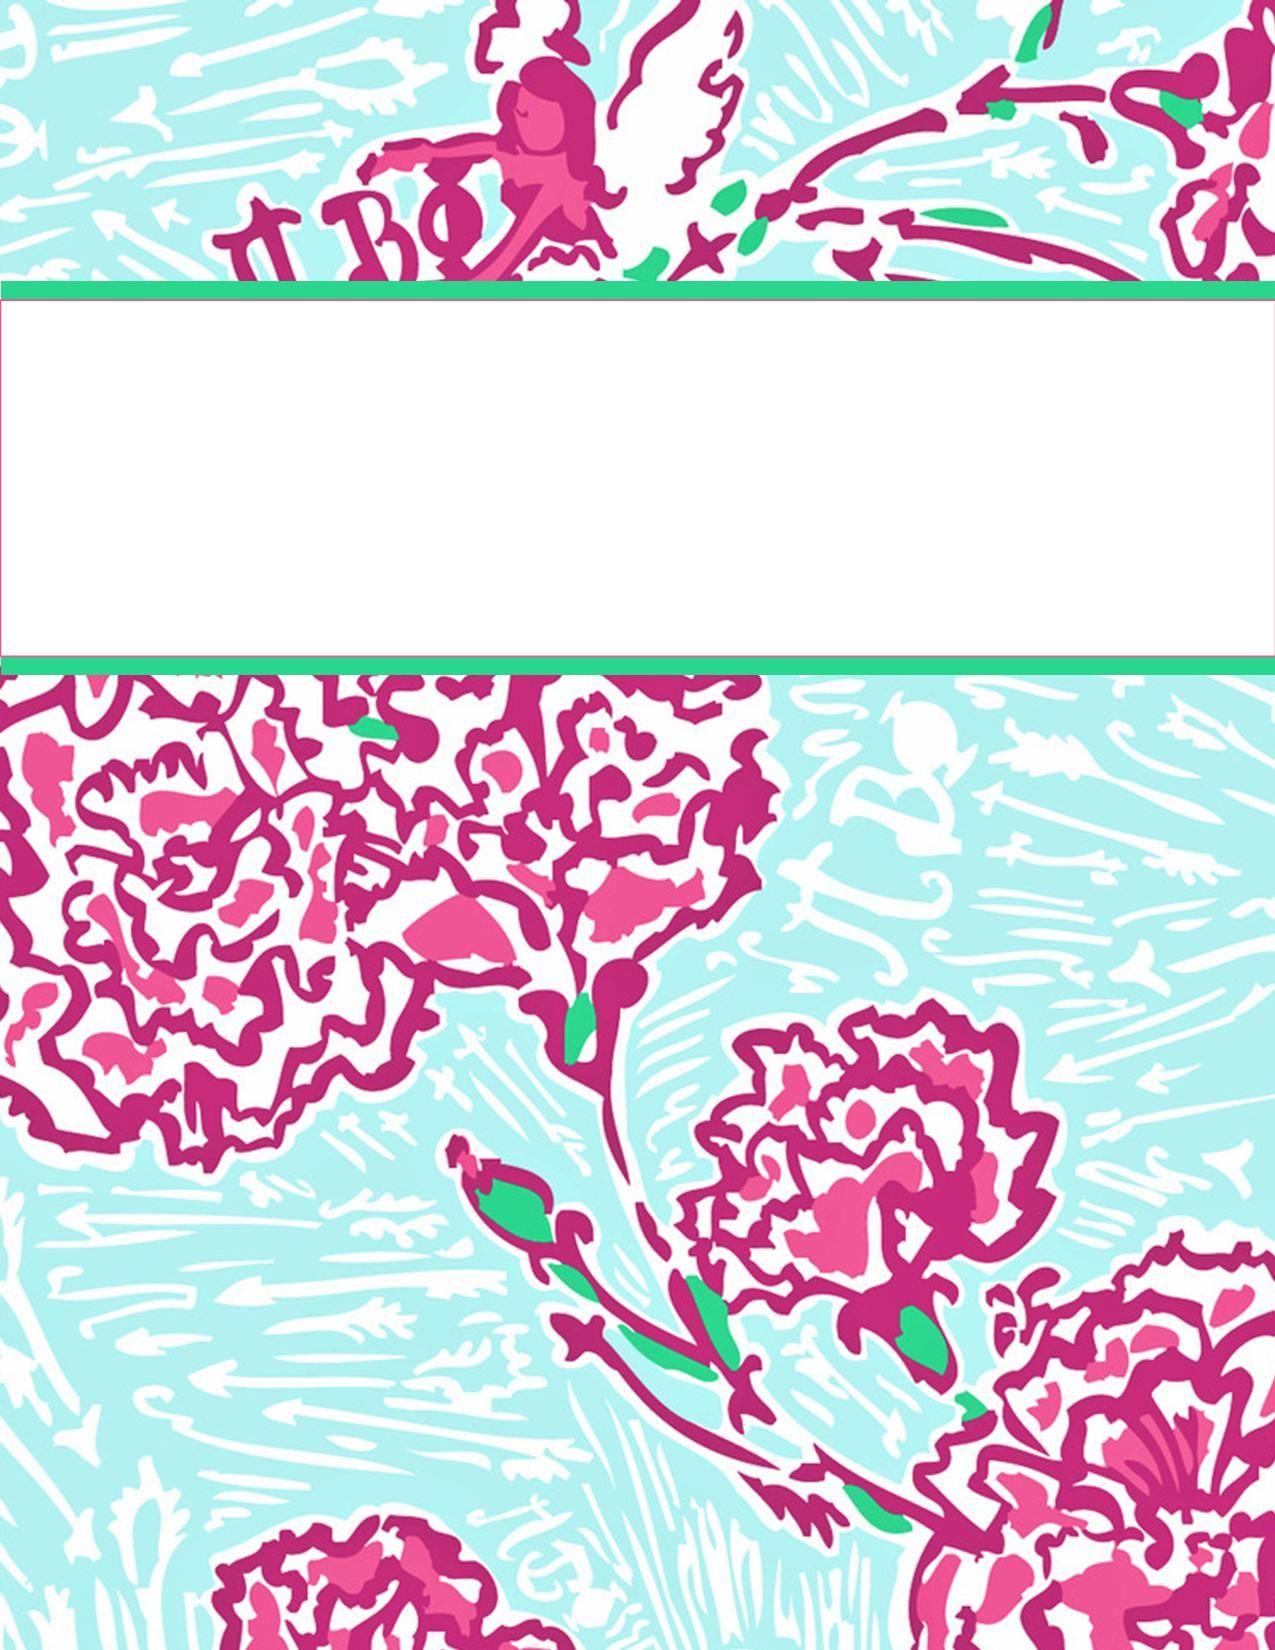 My Cute Binder Covers | Iphone Wallpapers | Pinterest | School - Cute Free Printable Binder Covers